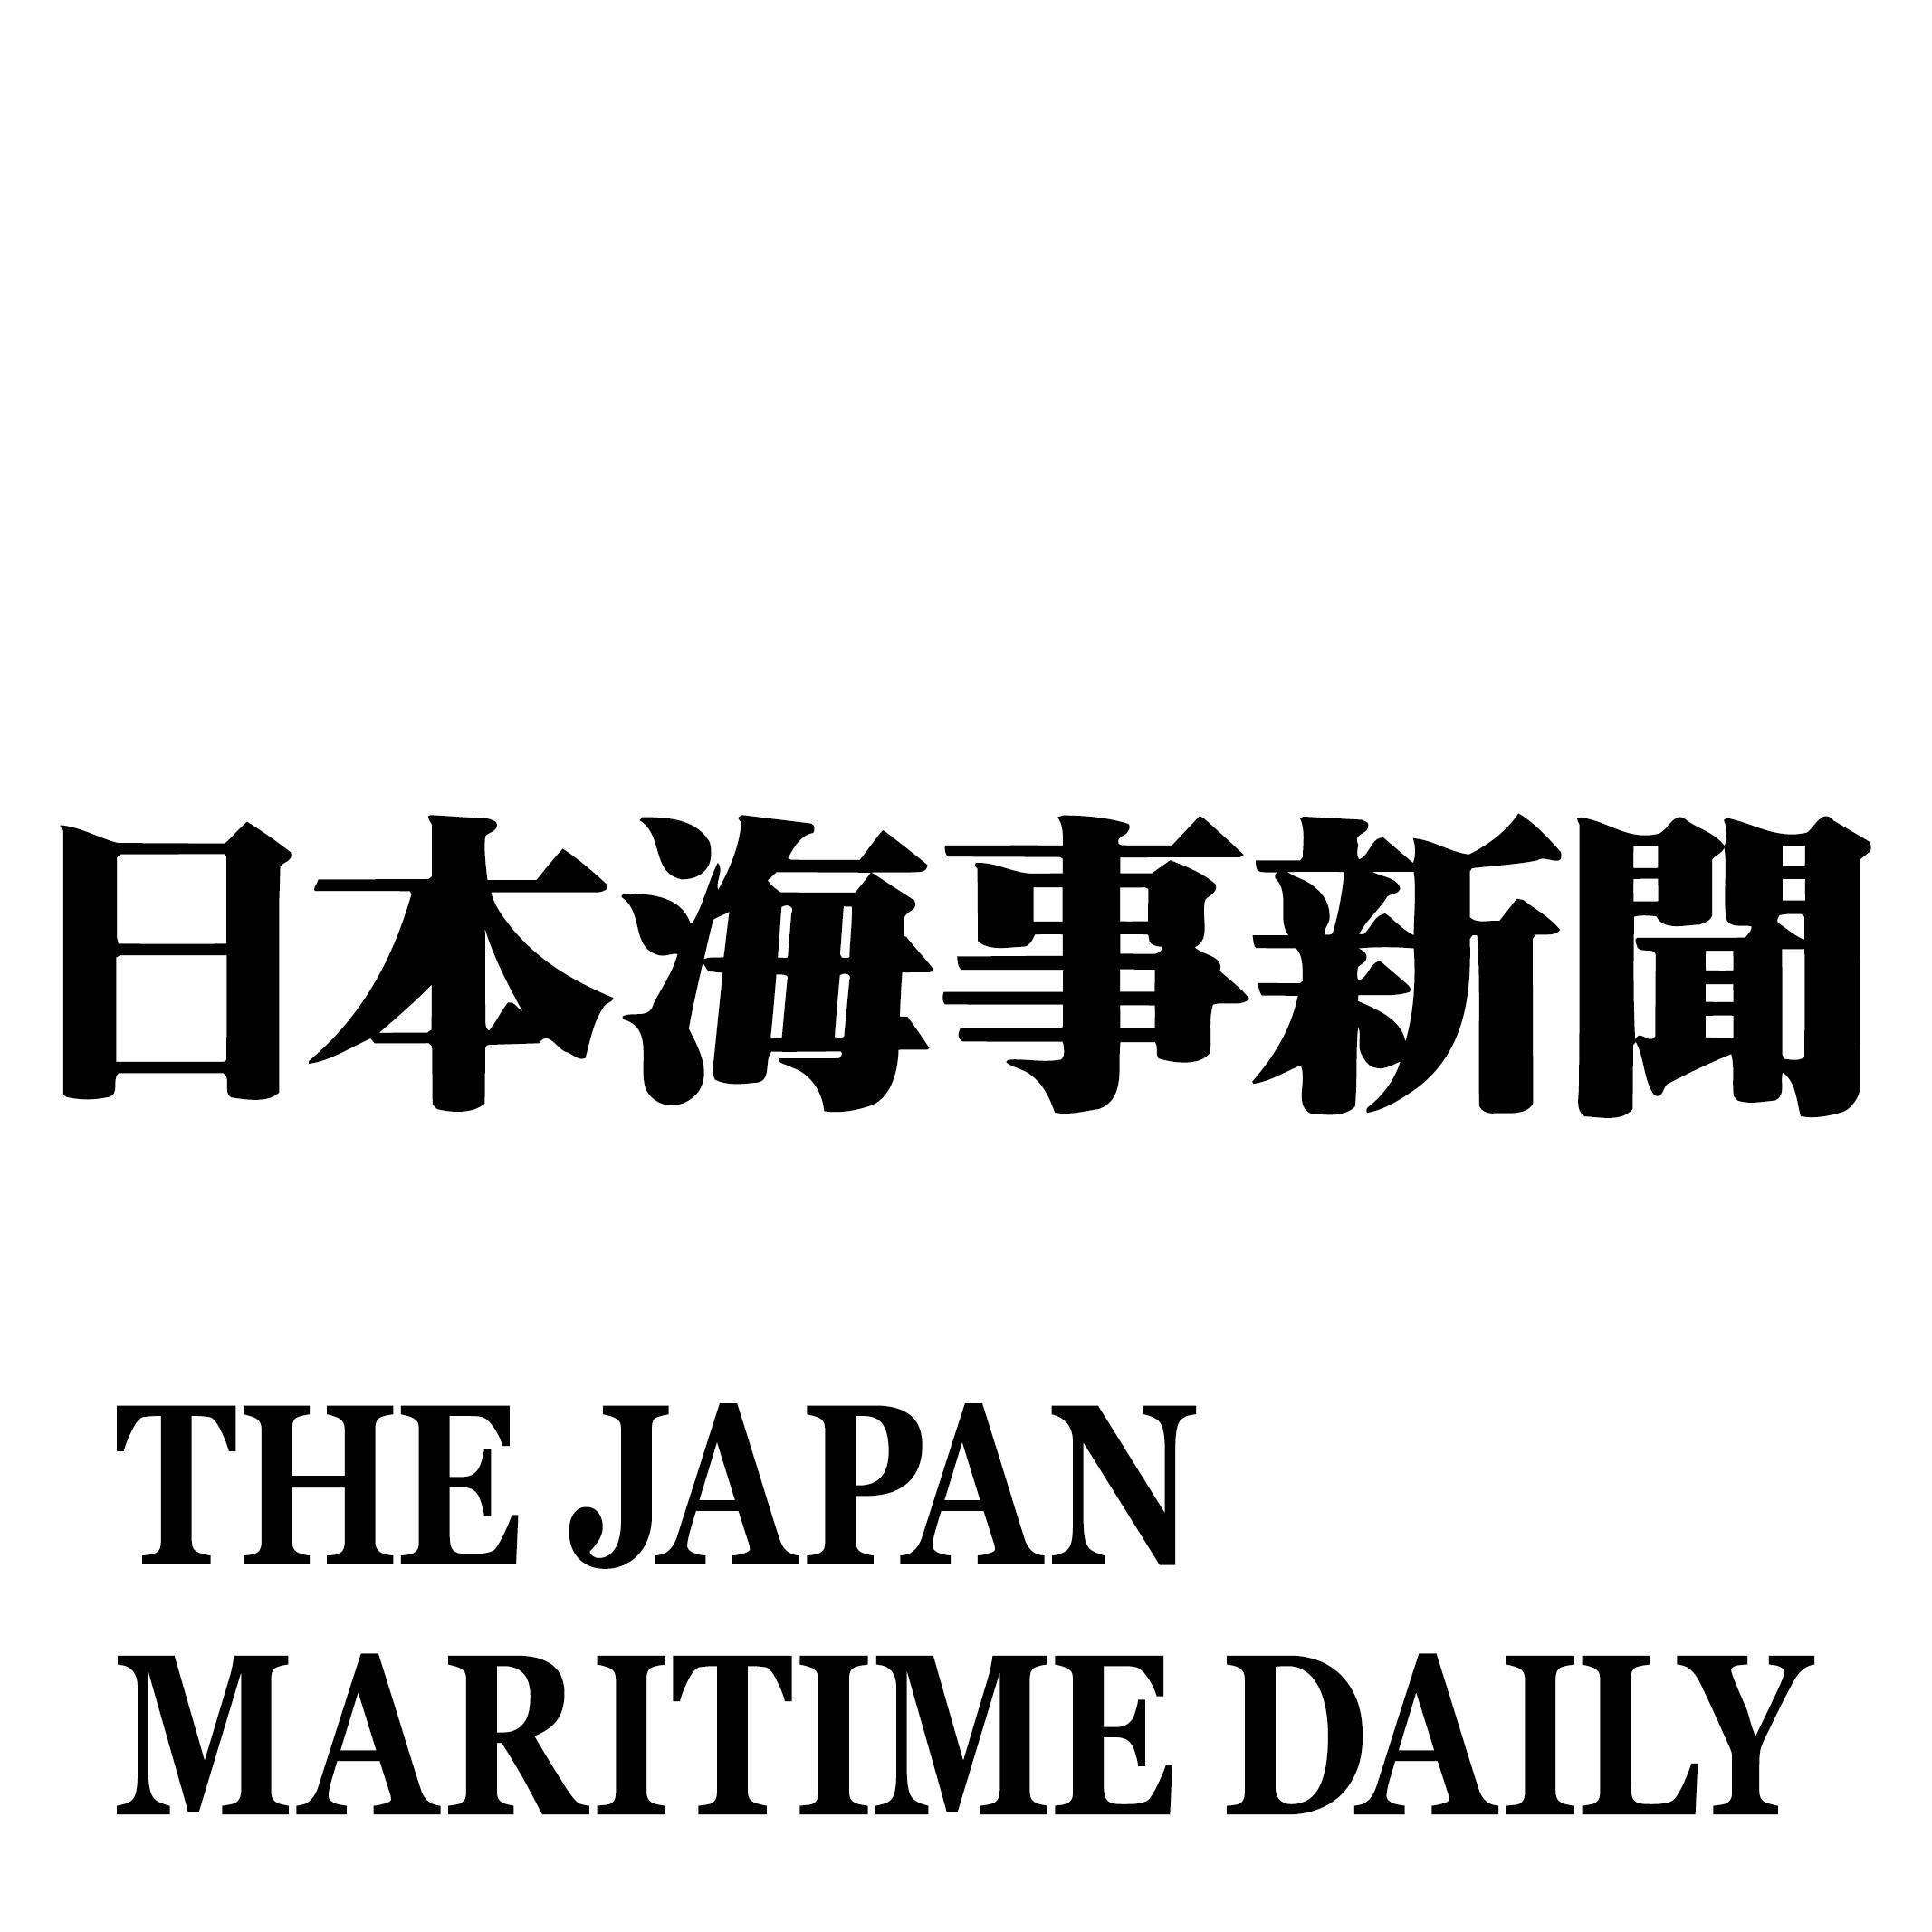 【市況2021】ケープ 3万ドル突破、半年ぶり。中国 原料調達活発。コロナ禍で稼働低下も|日本海事新聞 電子版